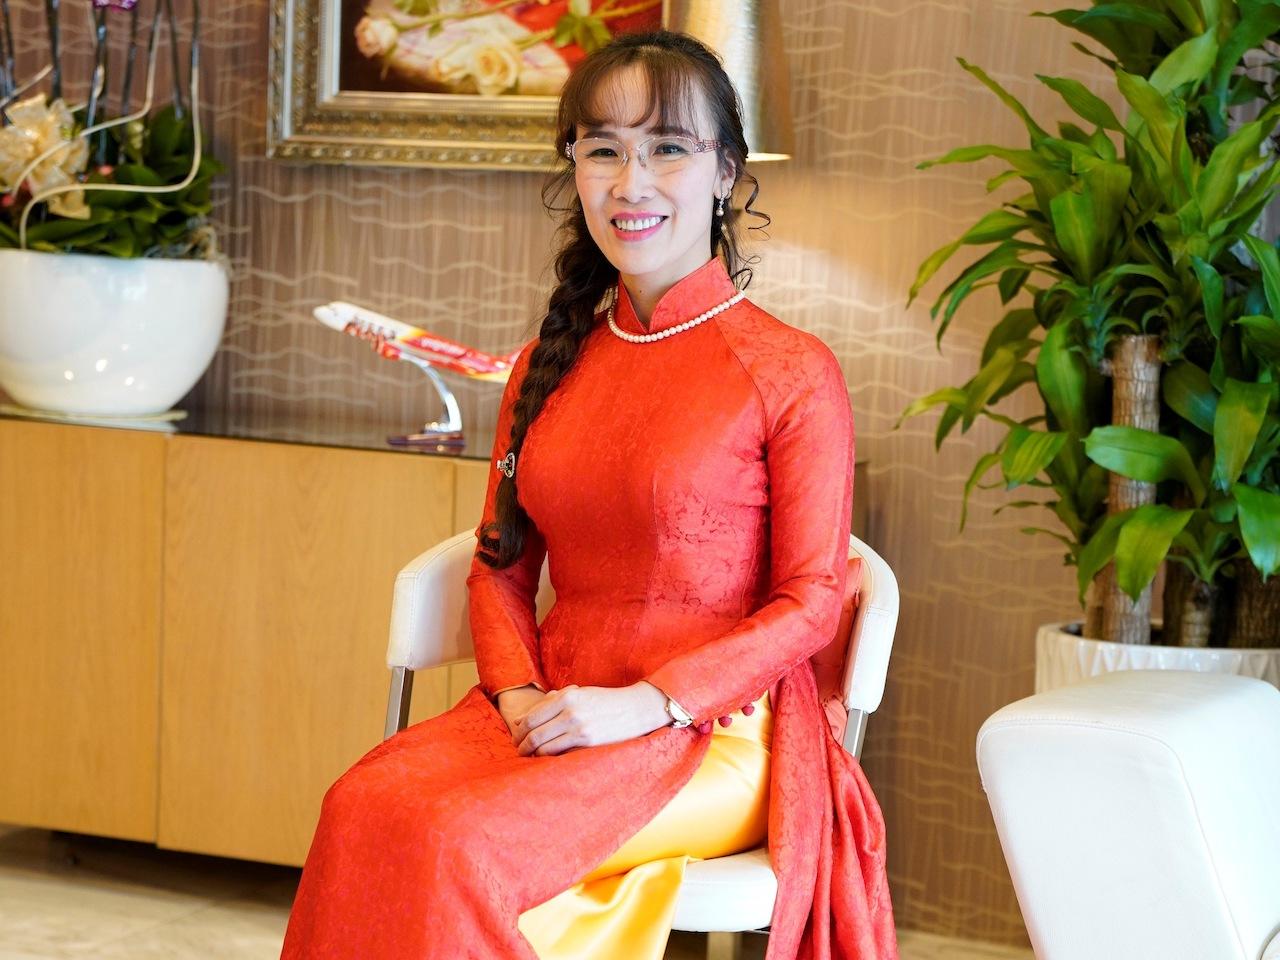 Lý do đưa tỷ phú Nguyễn Thị Phương Thảo, Trần Thị Lệ trở thành doanh nhân quyền lực - Ảnh 2